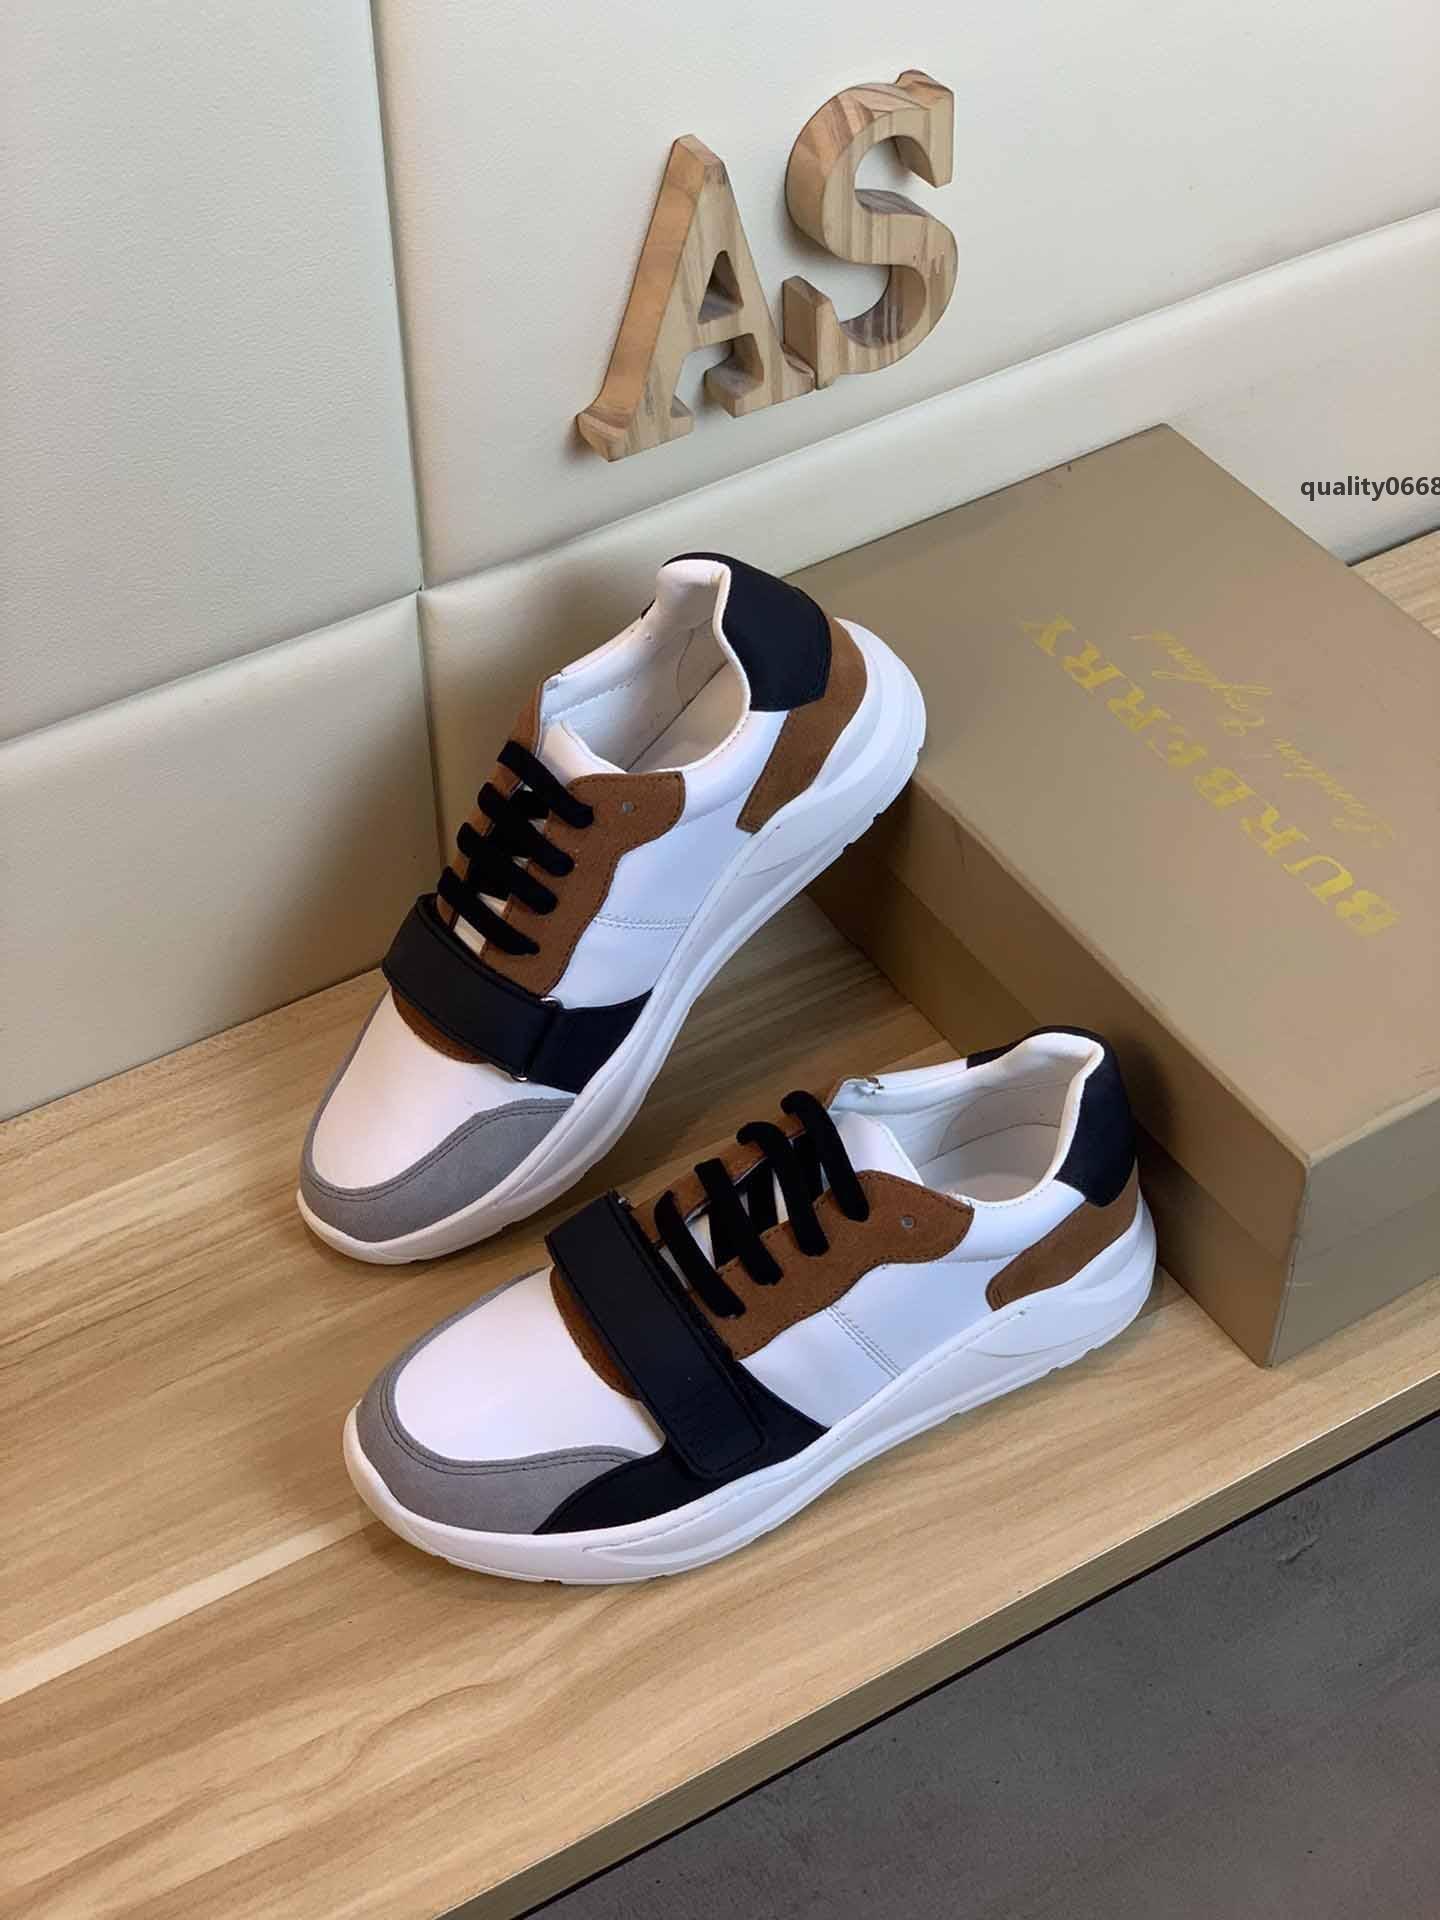 2020RF nuove Menmen comode scarpe casual imbarco di viaggio scarpe avventura all'aperto del tutto-fiammifero scarpe di tendenza originale scatola di consegna